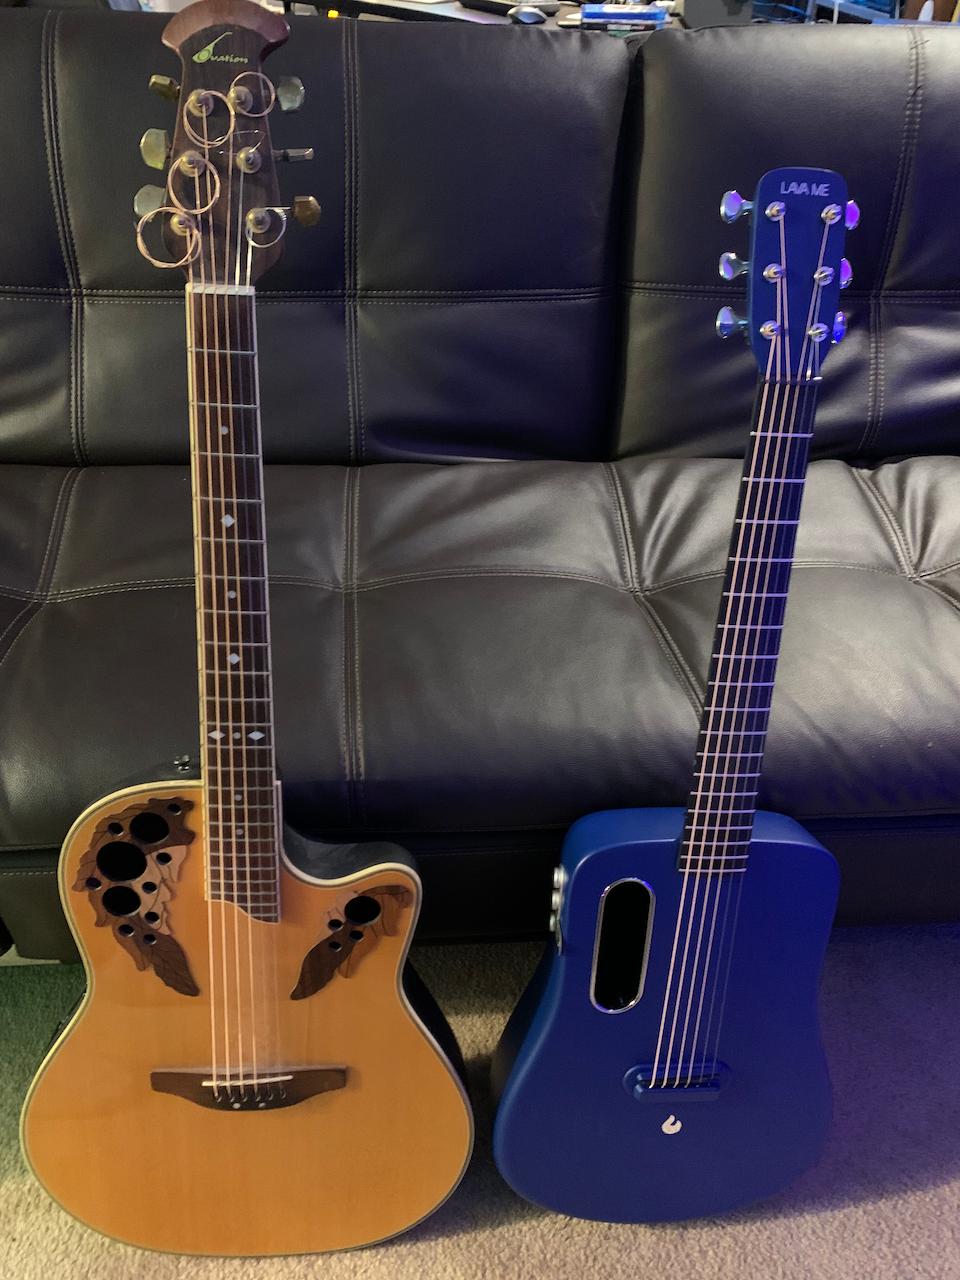 2021-07-21 Lava Me 2 Blue Guitar-16